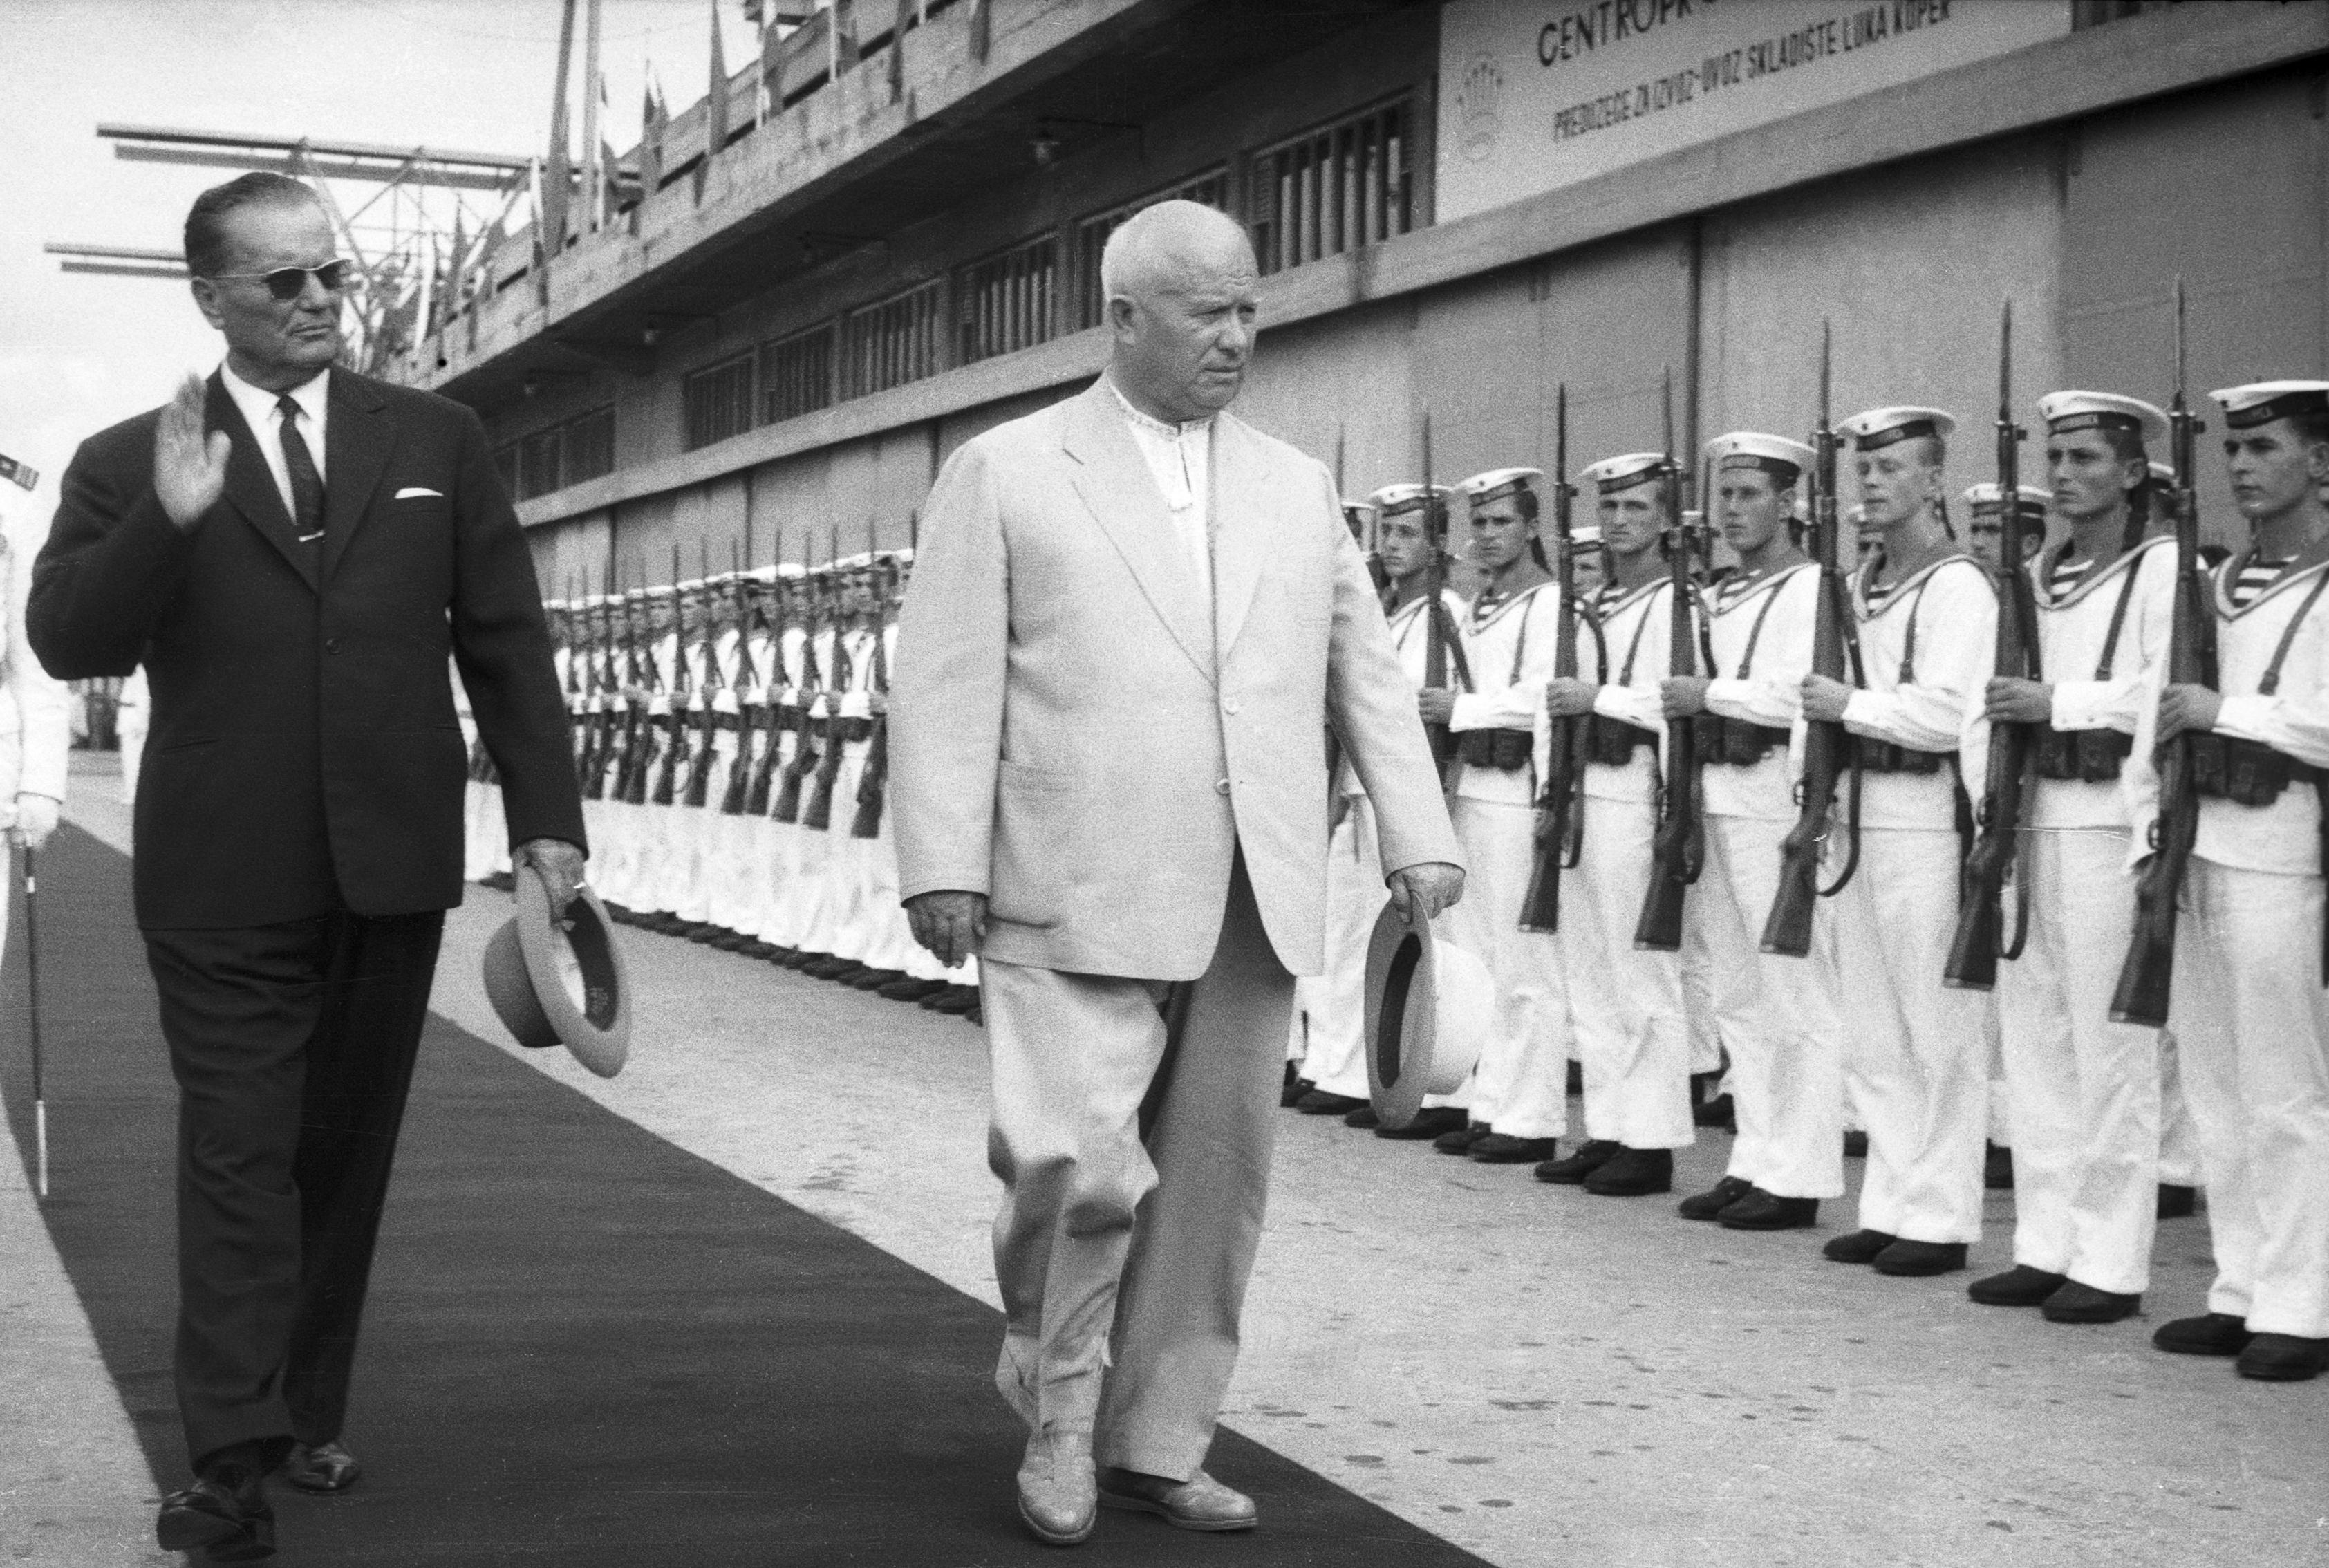 File:Predsednik Jugoslavije Tito in sovjetski premier Hruščov v Kopru 1963 .jpg